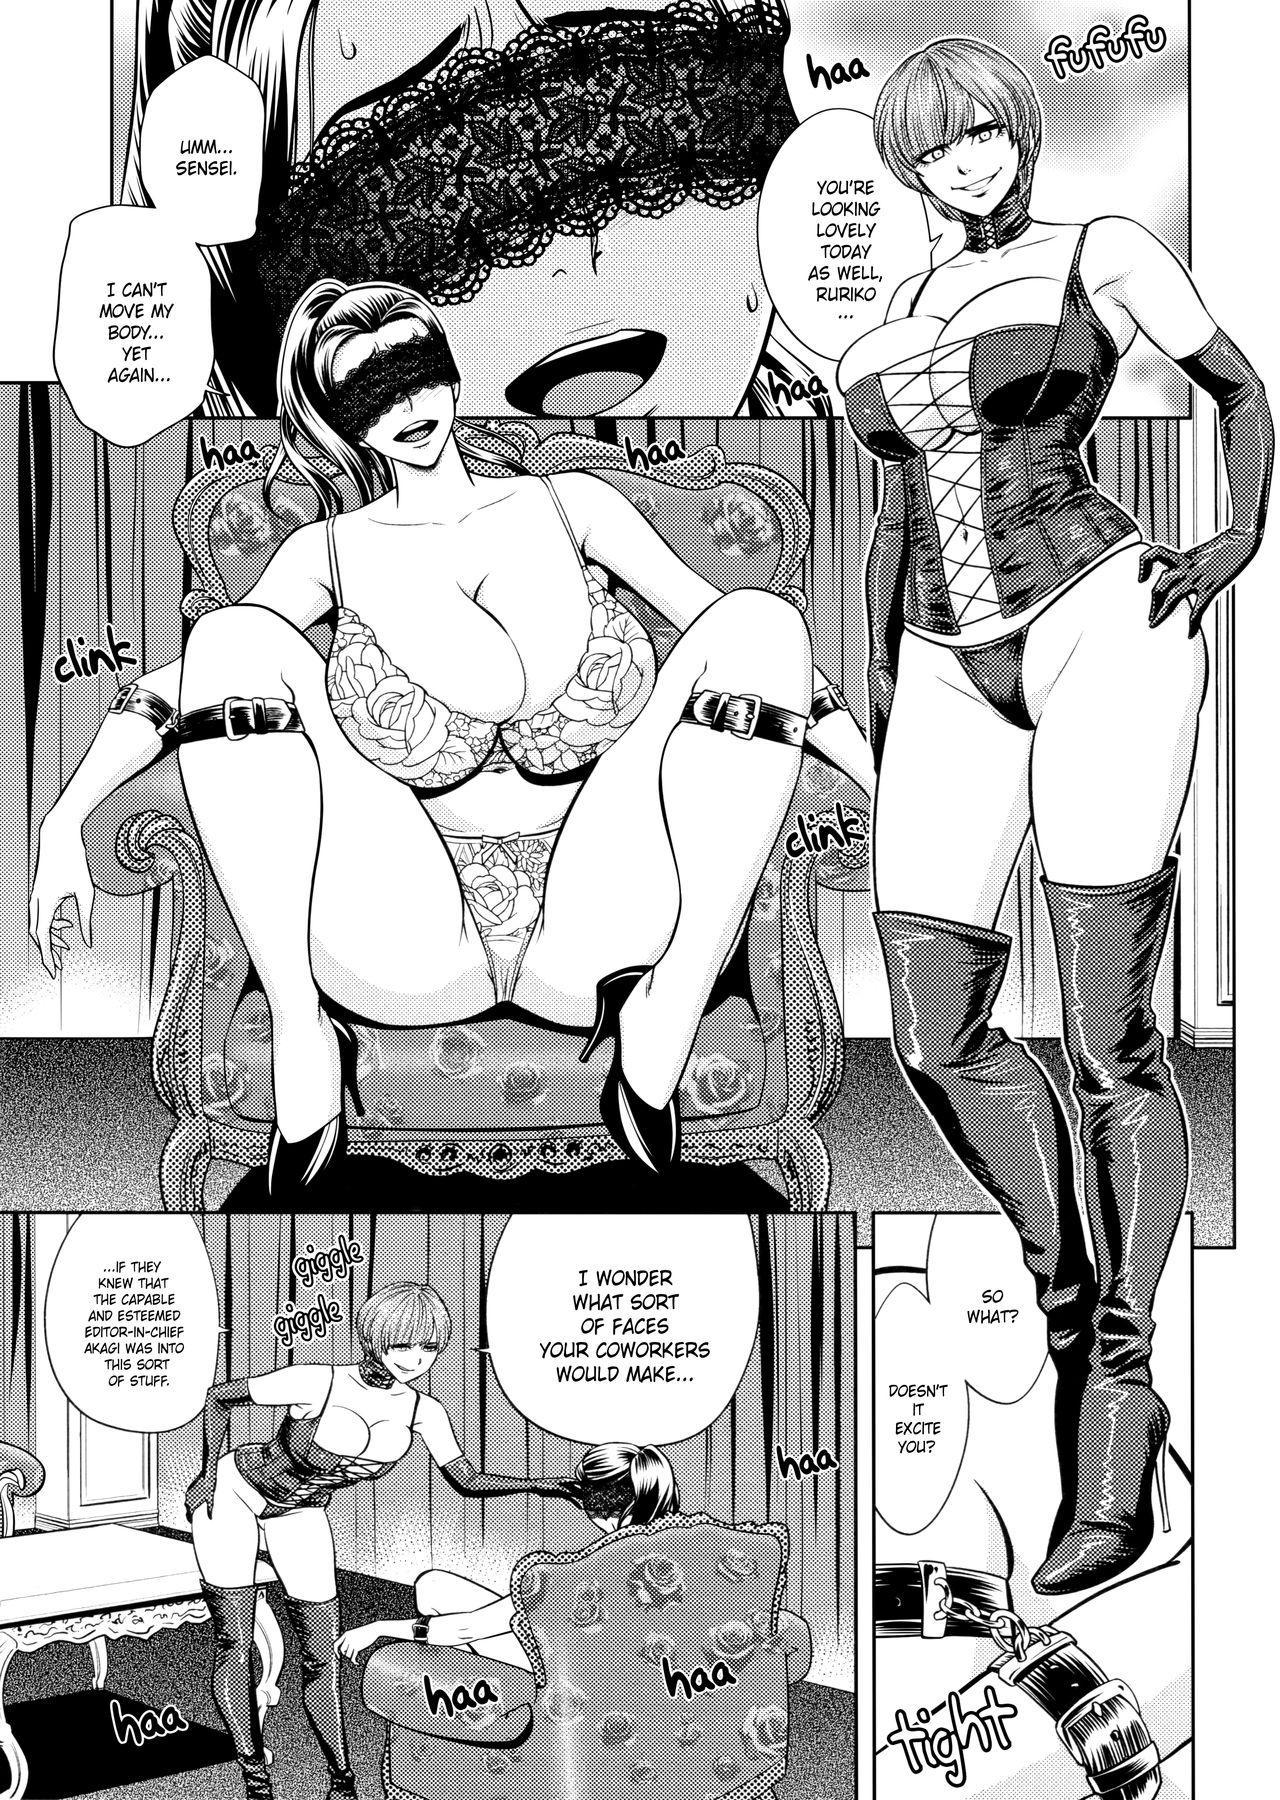 [Tatsunami Youtoku, Yamazaki Masato] Bijin Henshuu-chou no Himitsu | Beautiful Editor-in-Chief's Secret Ch. 1-7 [English] [Forbiddenfetish77, Red Vodka, Crystalium, CEDR777] [Decensored] 136